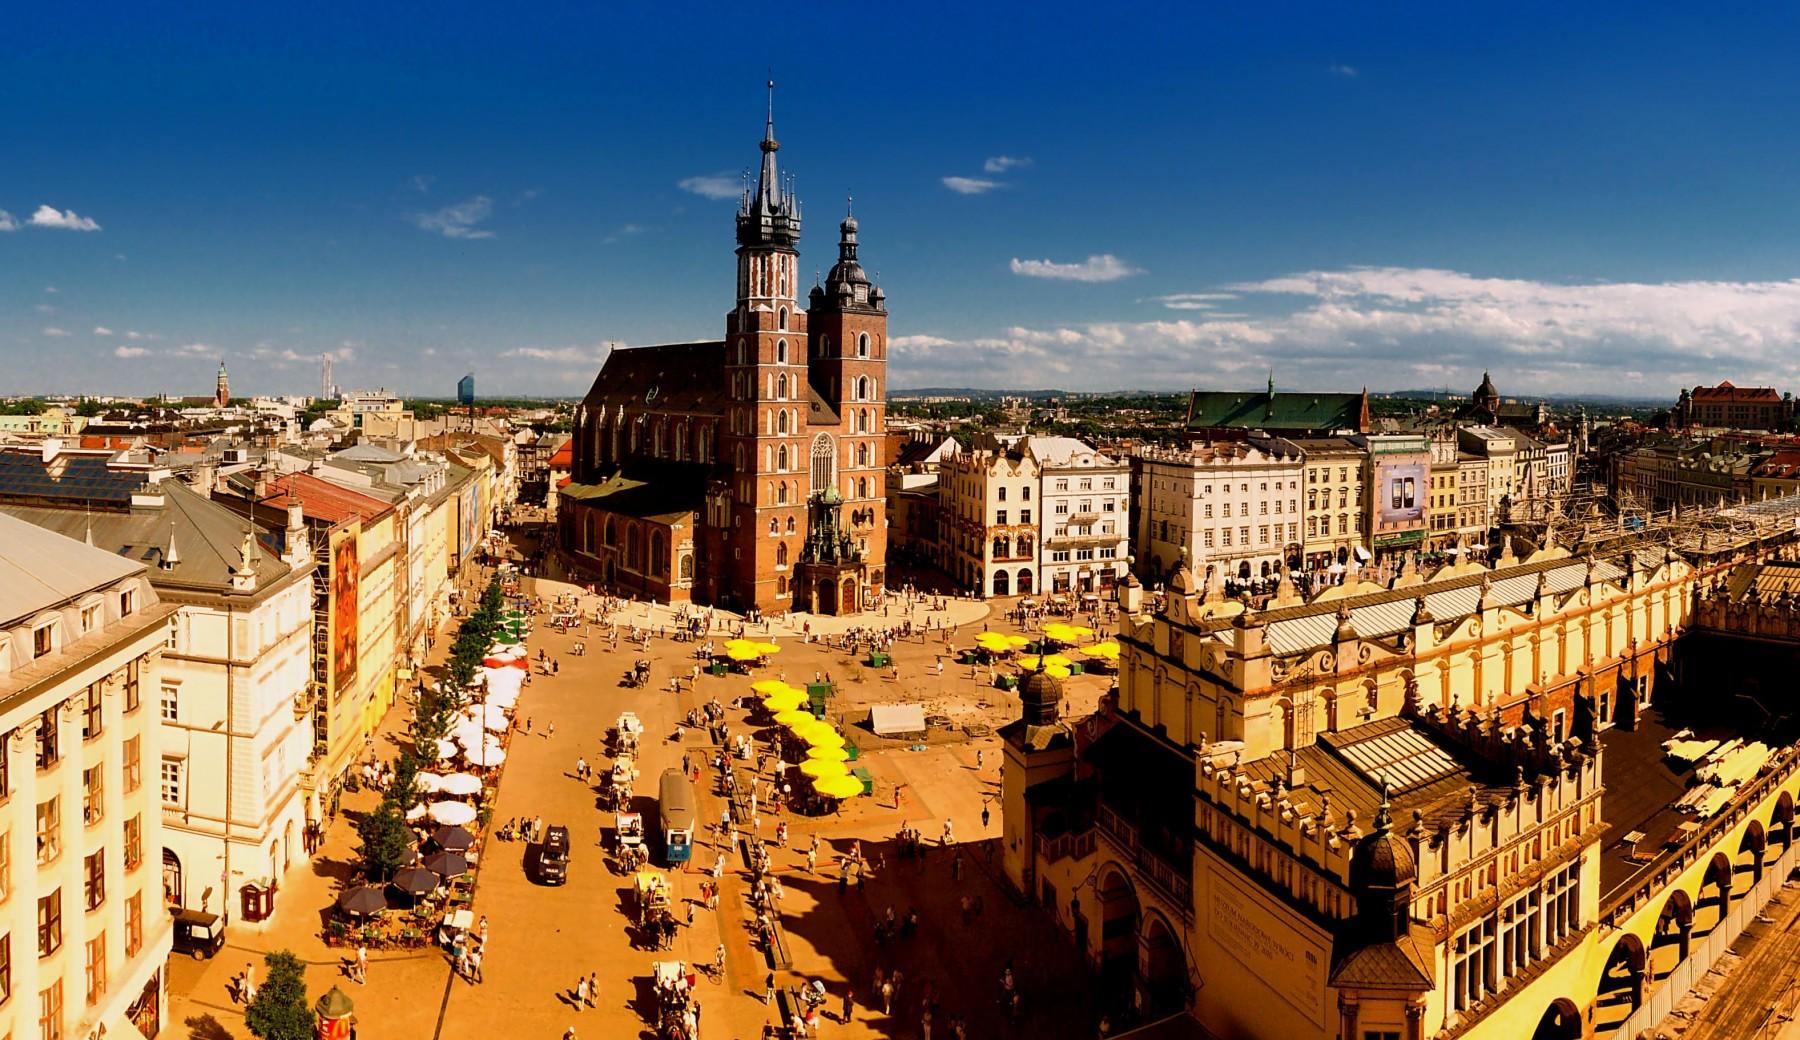 弗罗茨瓦夫(Wrocław)-奥斯维辛(Oświęcim)-克拉科夫(Kraków)